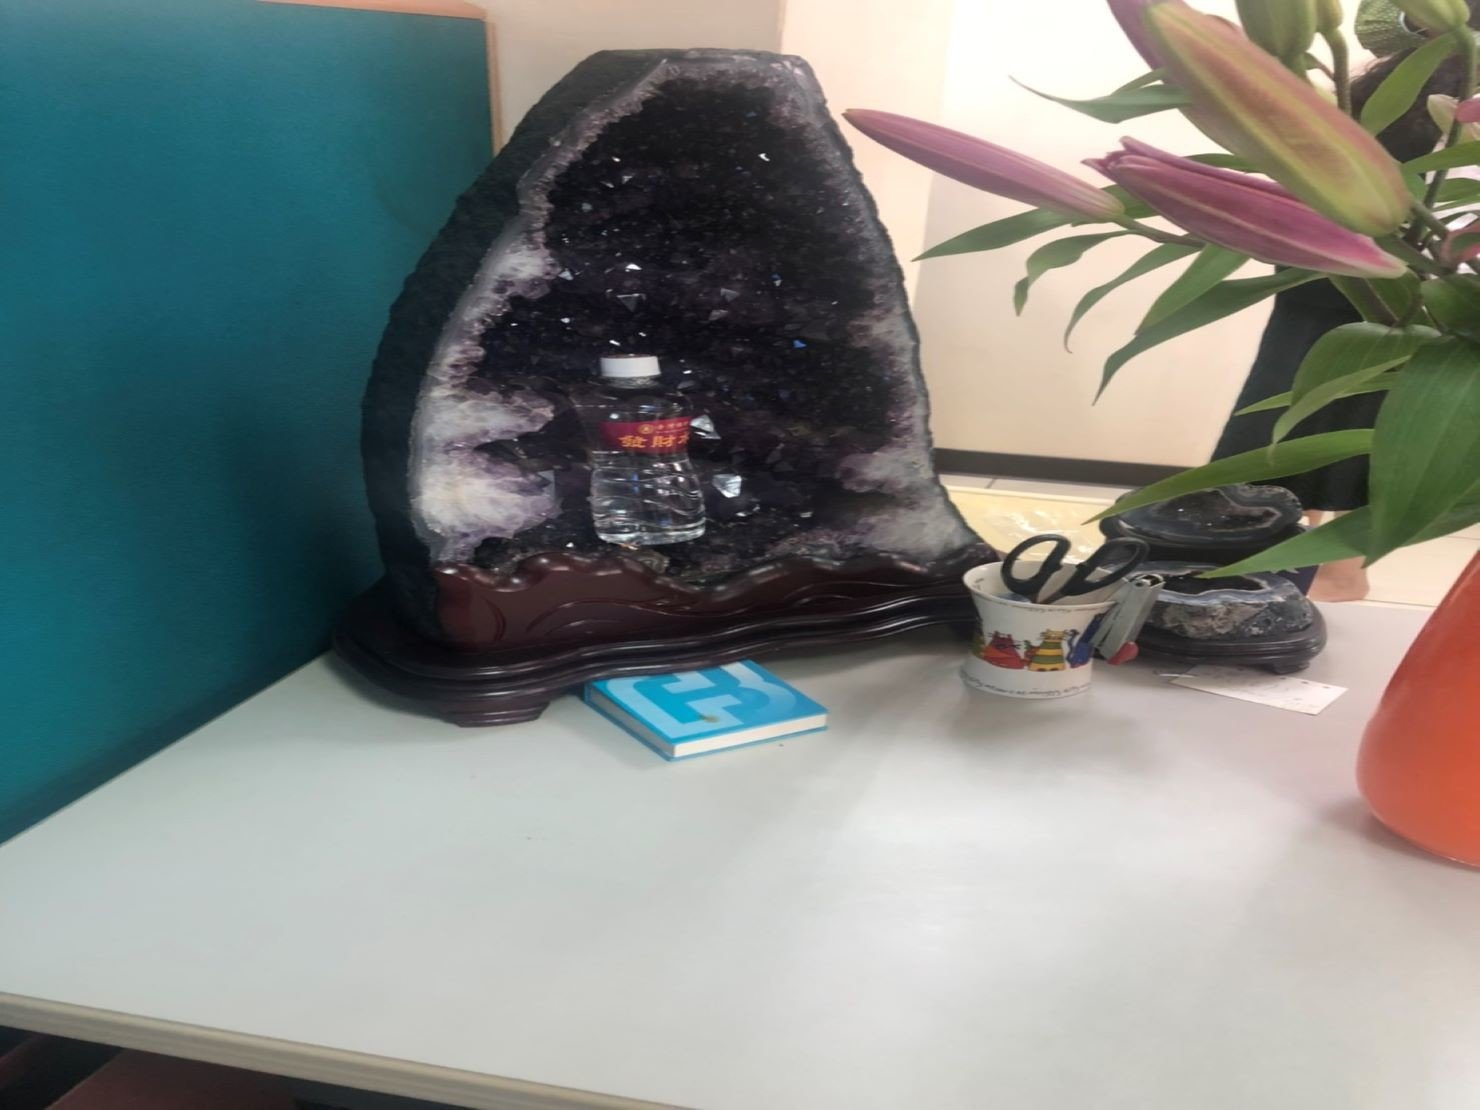 台北搬家推薦【榮福搬家】給您財庫滿滿法寶-紫水晶洞